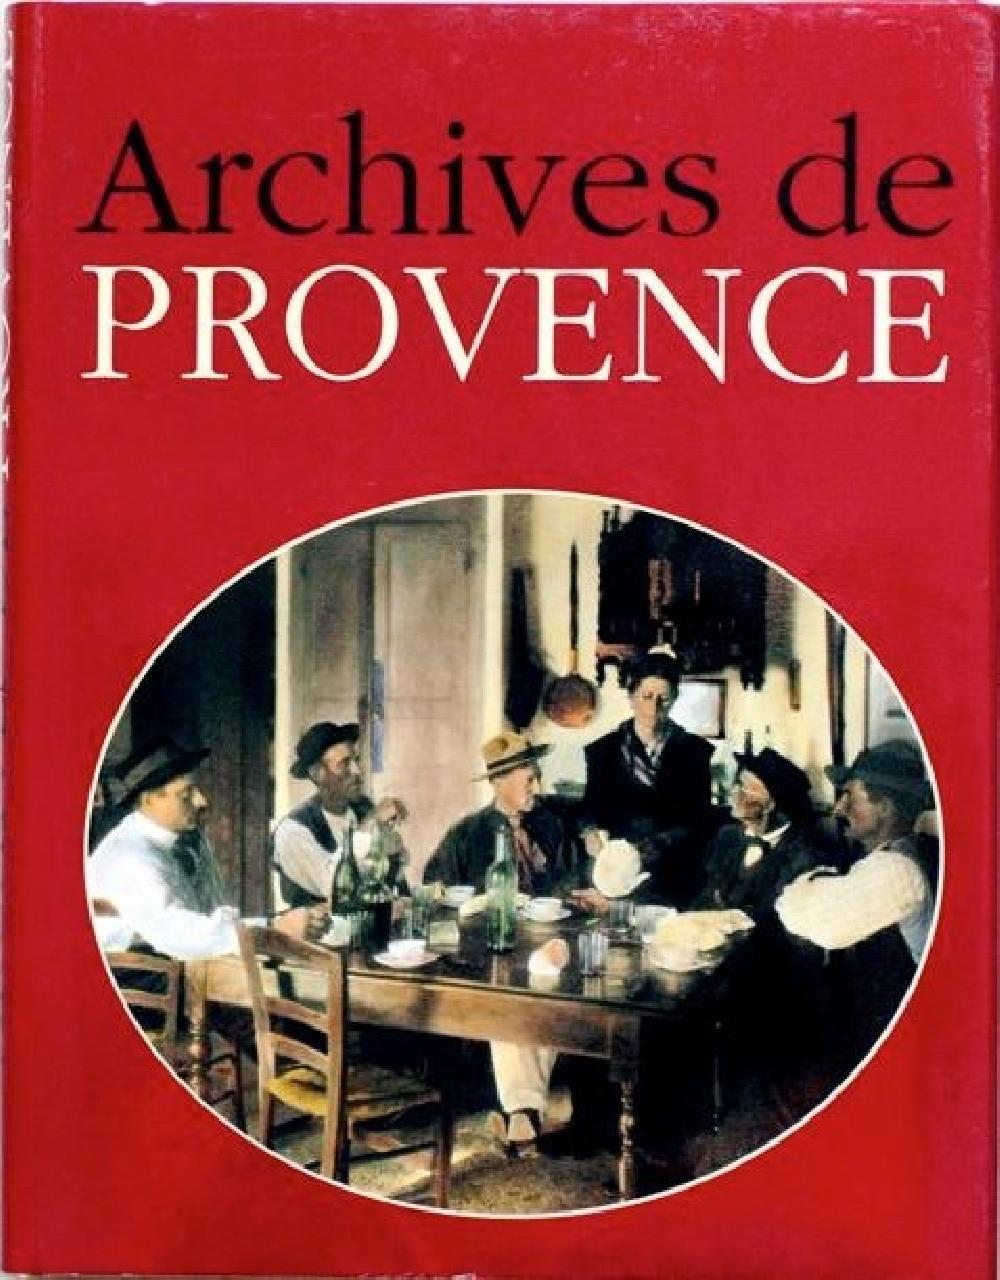 Archives de Provence